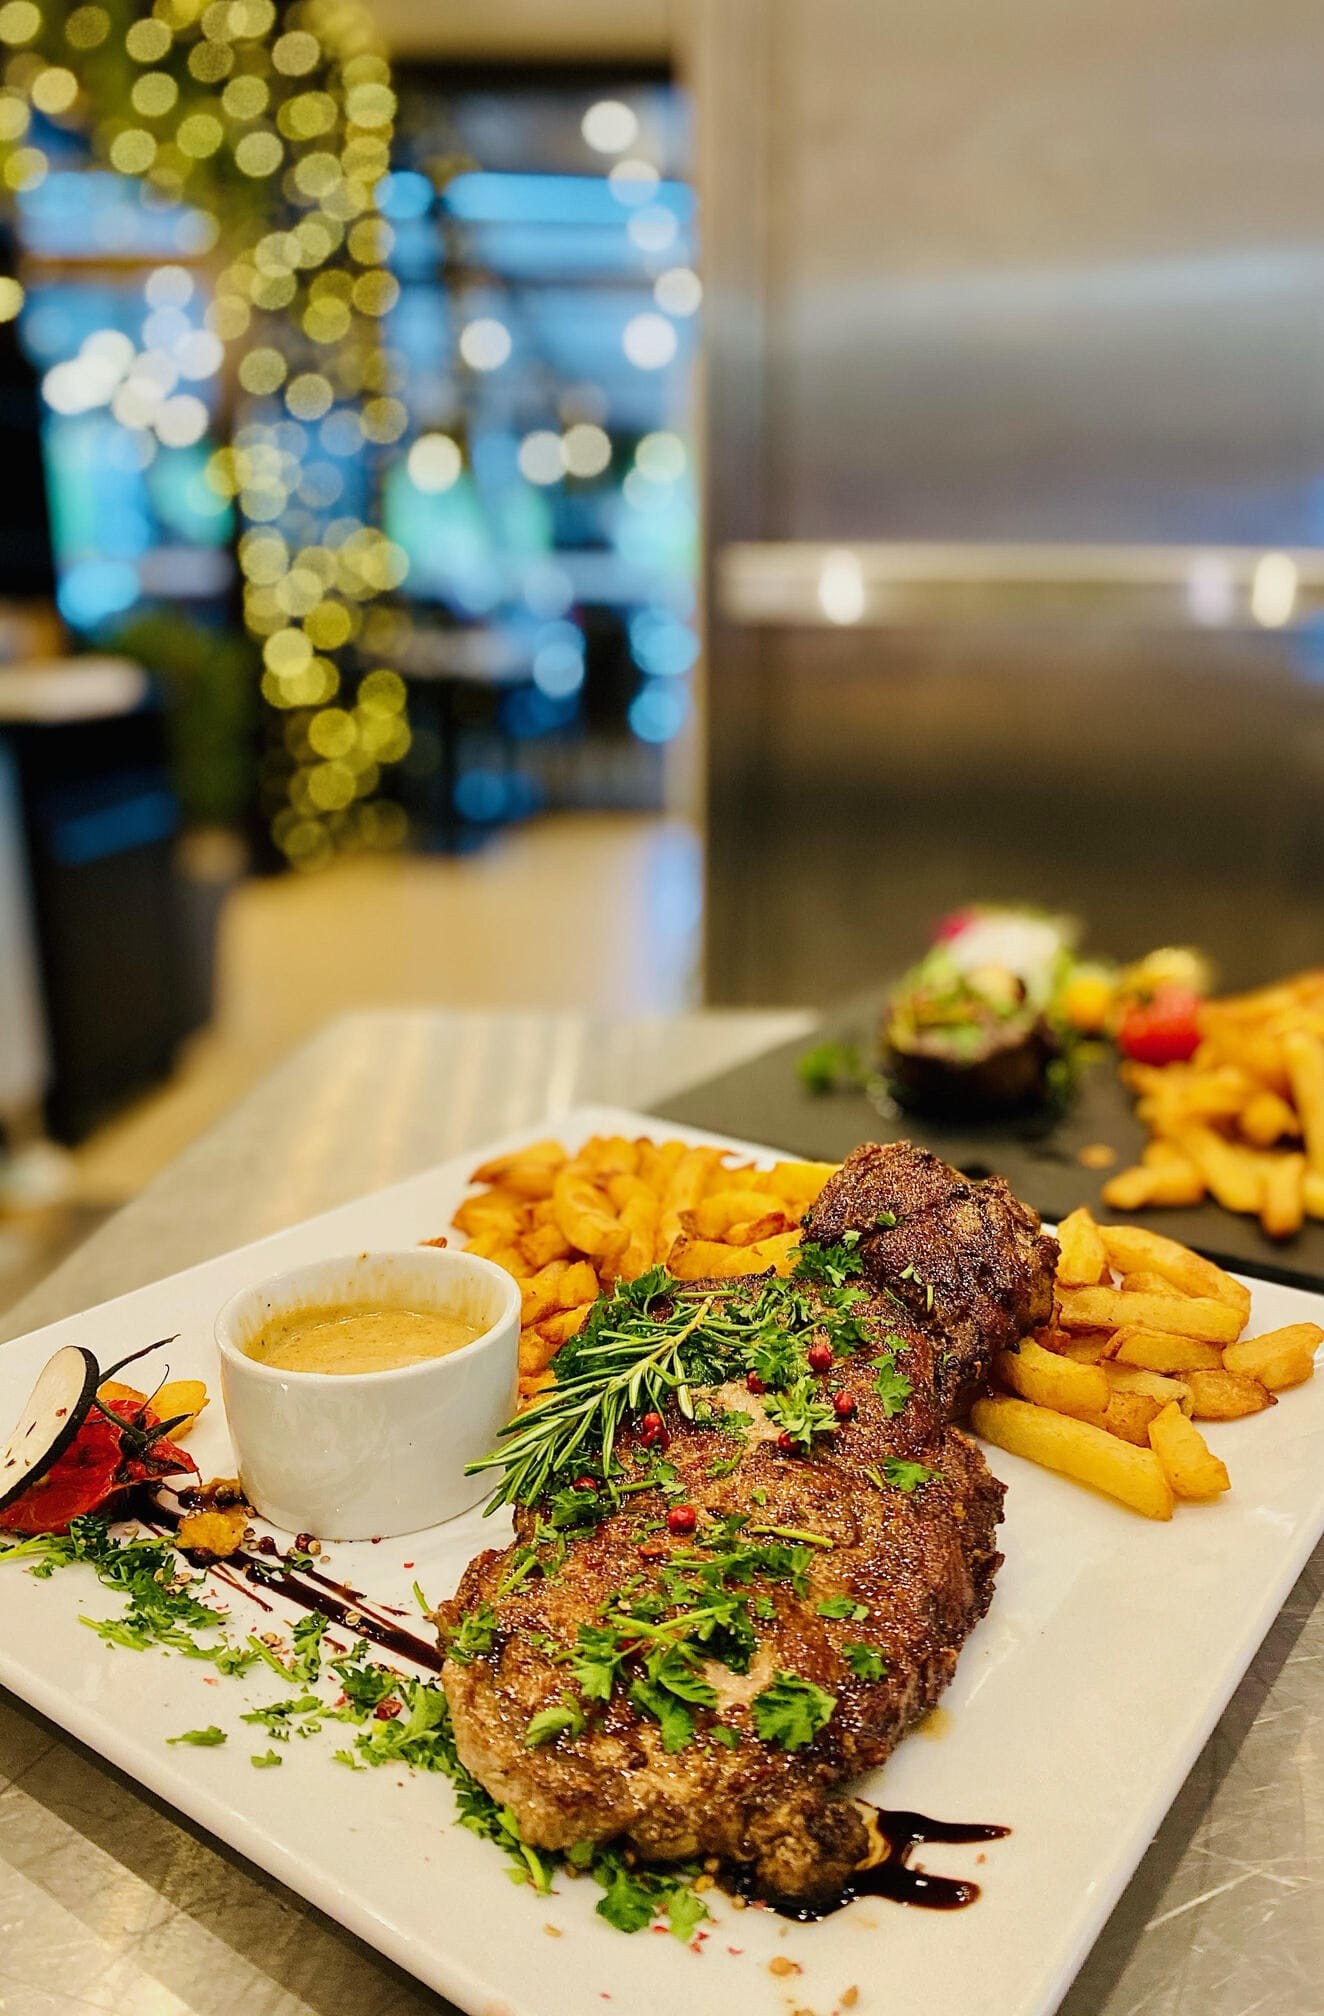 viande limousine frites maison - le chalet des pierres jaumatres - restaurant viande Creuse